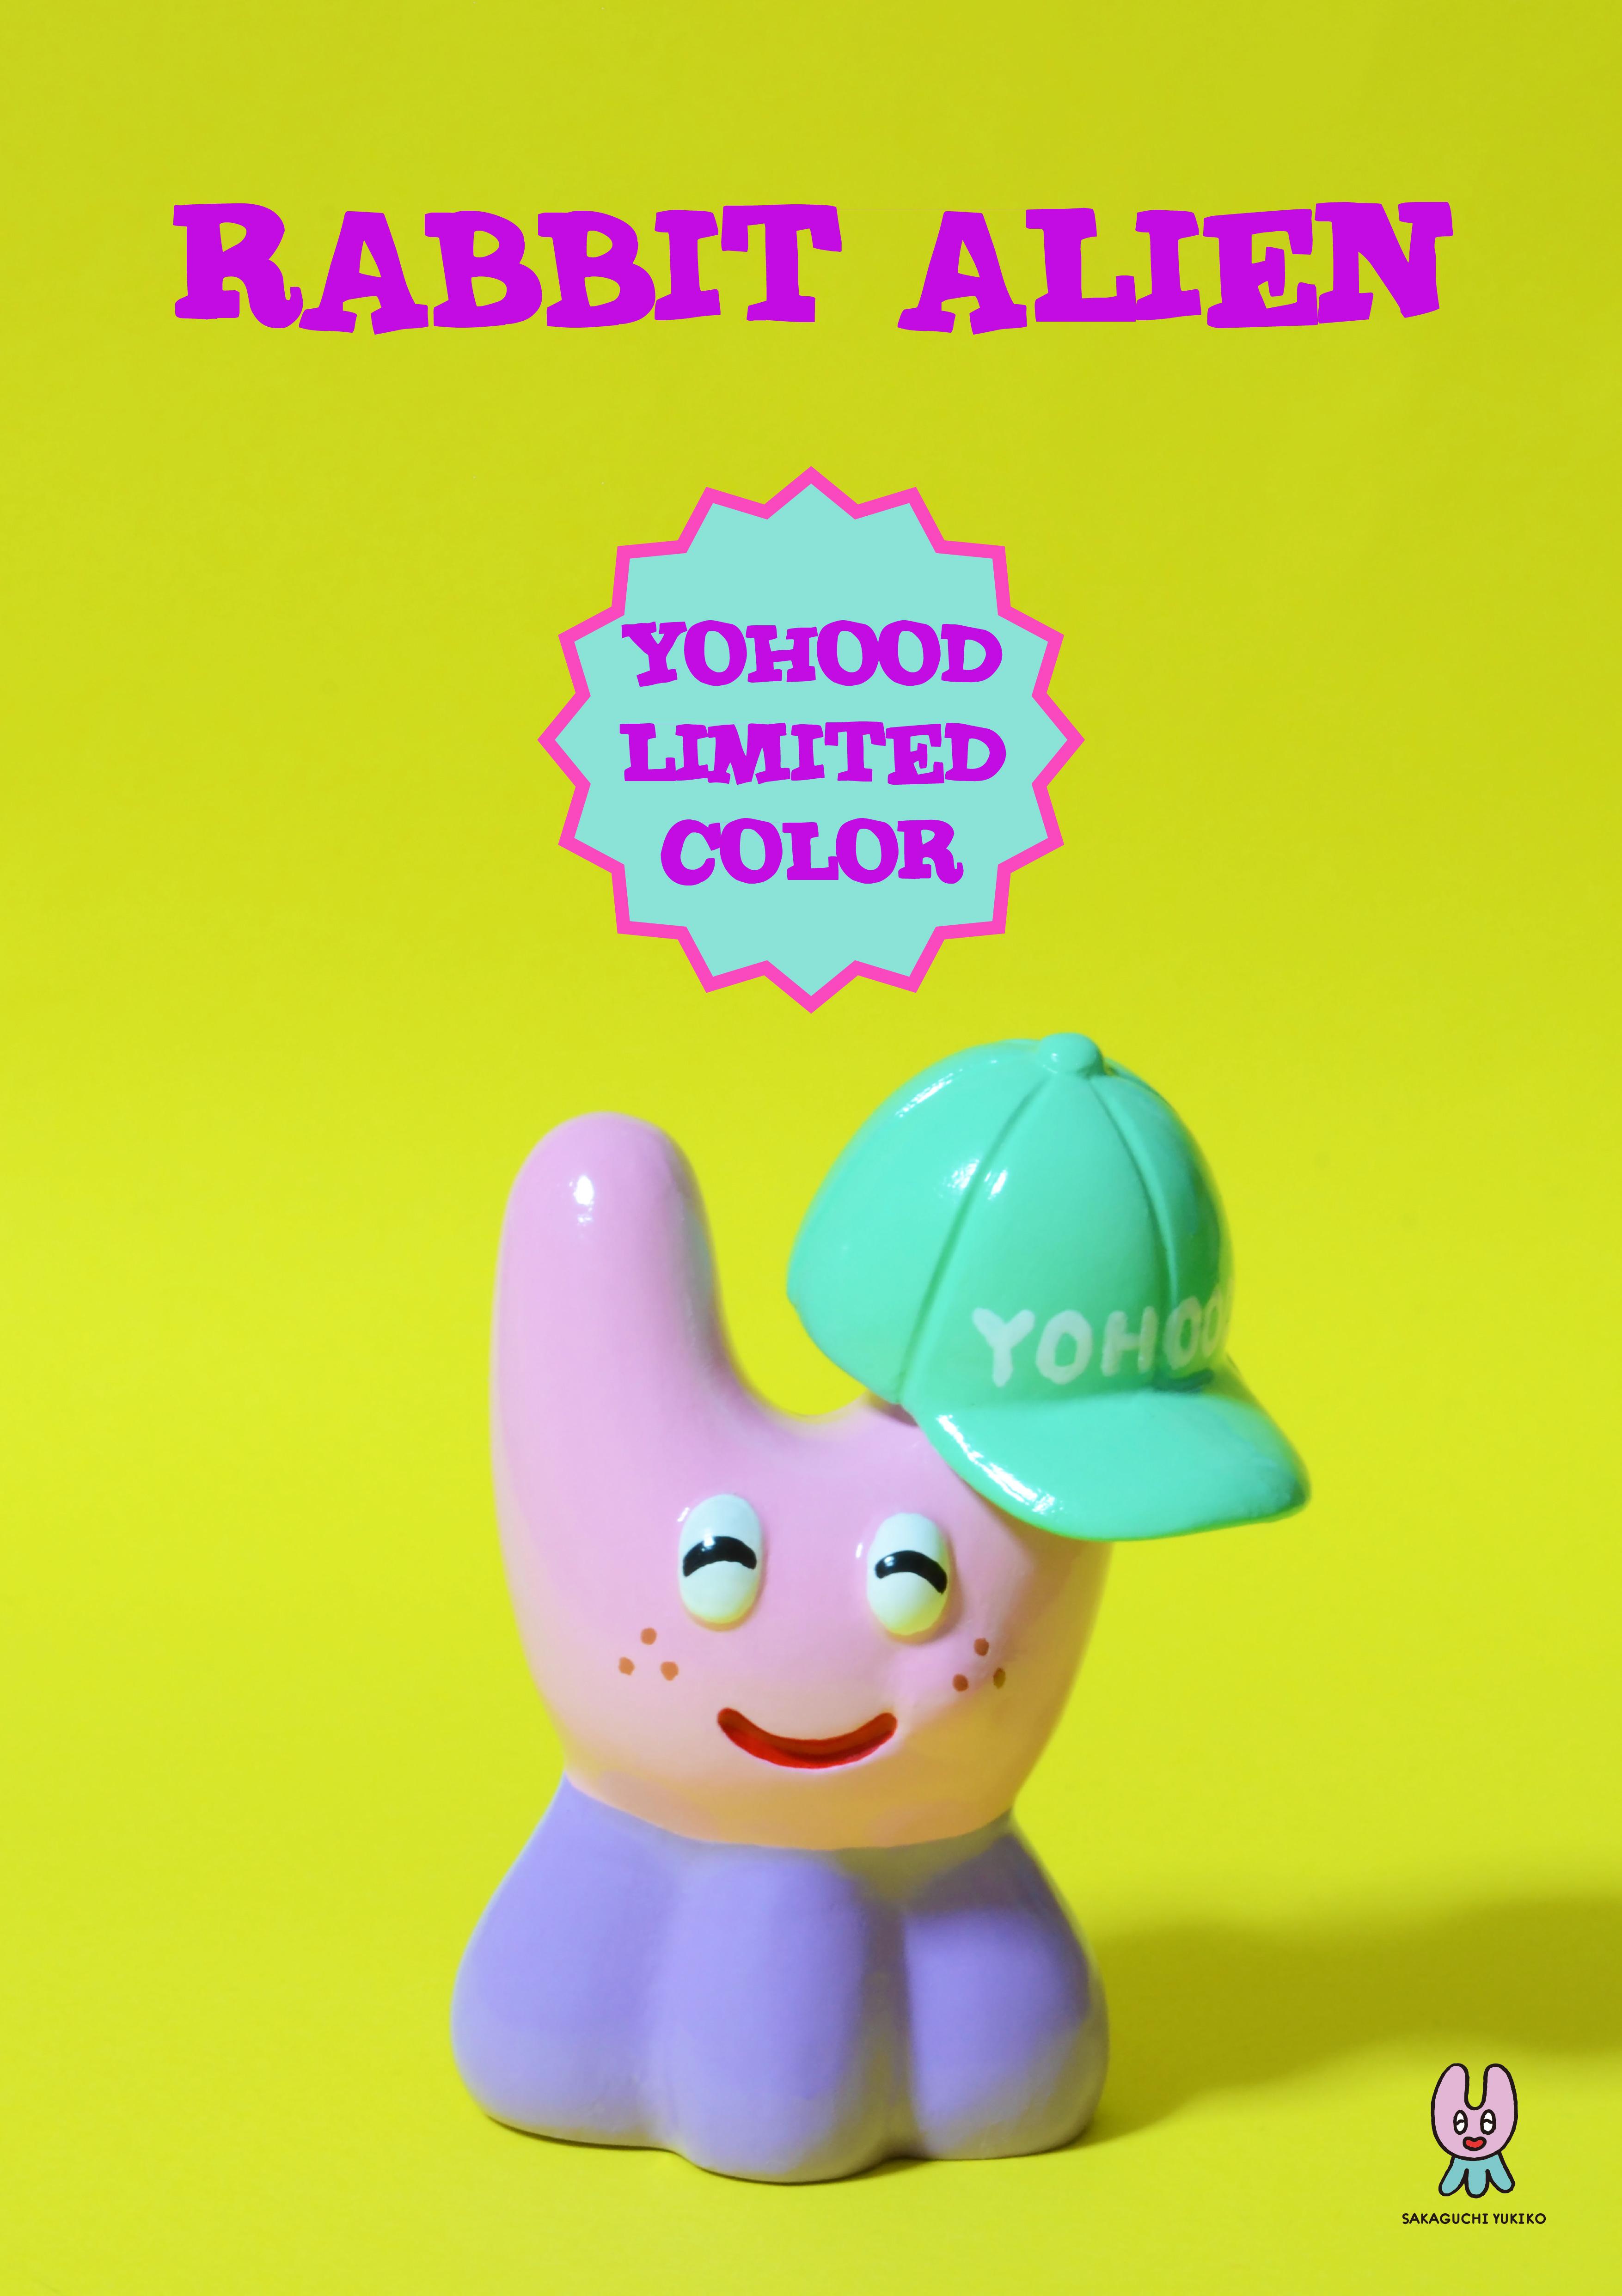 YOHOOD 2019